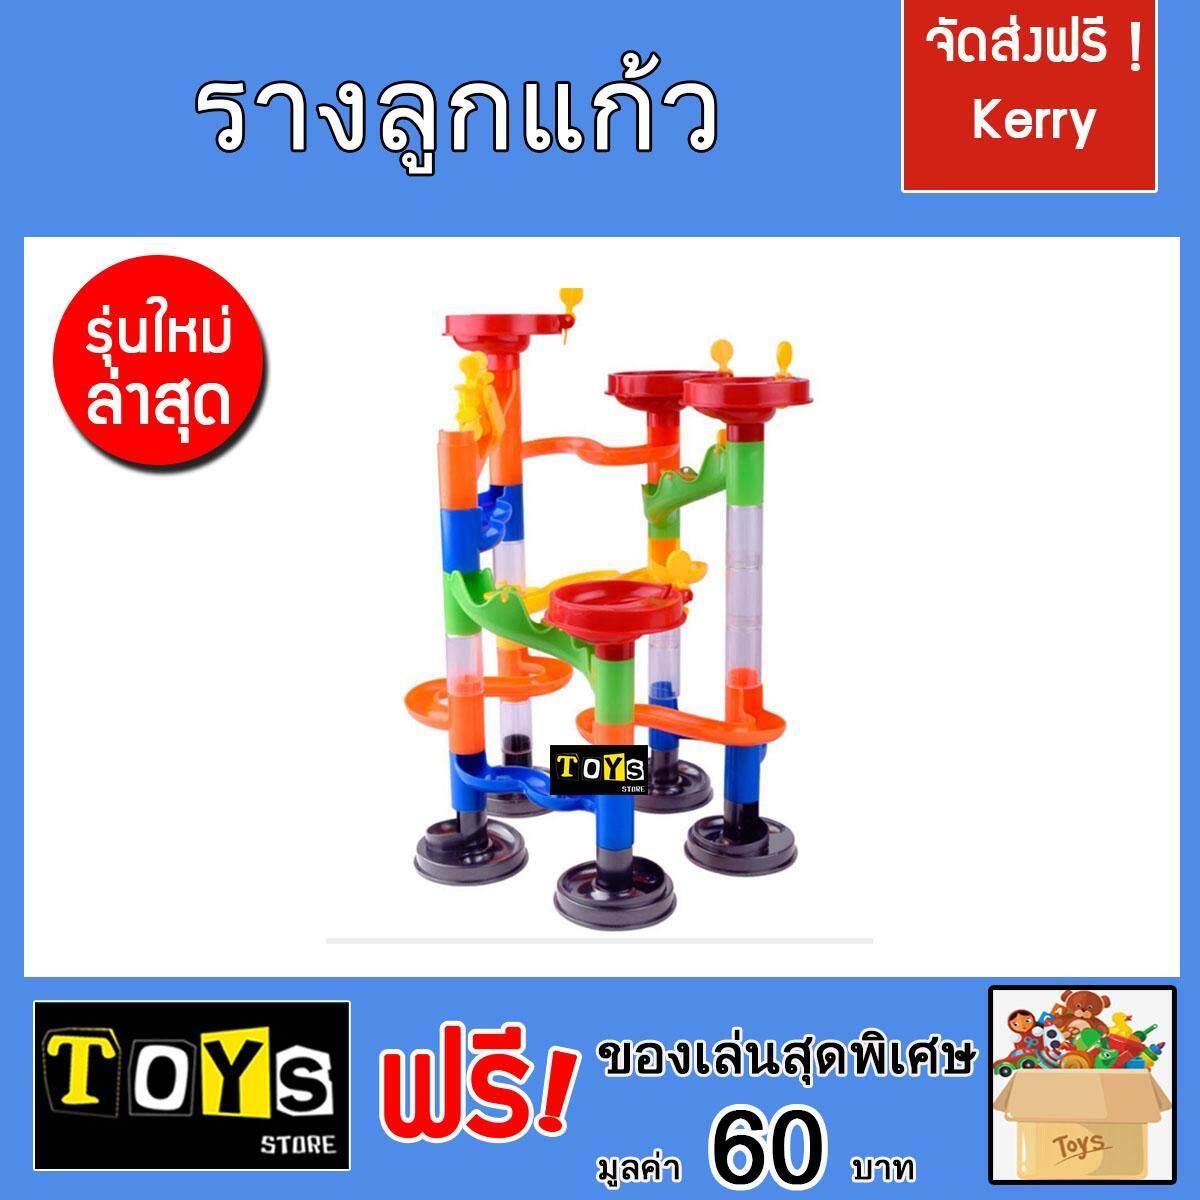 ขายดีมาก! ของเล่นเด็ก รางลูกแก้ว ตัวต่อ ของเล่นเด็ก ของเล่นเด็กของเล่นเด็กโต ของเล่นเด็ก3ขวบ ของเล่นเด็ก10 ขวบ ของเล่นเด็ก5ขวบ ชุดของเล่นเด็ก  ของเล่นเด็ก3ขวบ รางลูกแก้ว 56 pcs ขายของเล่นเด็ก ของเล่นเ